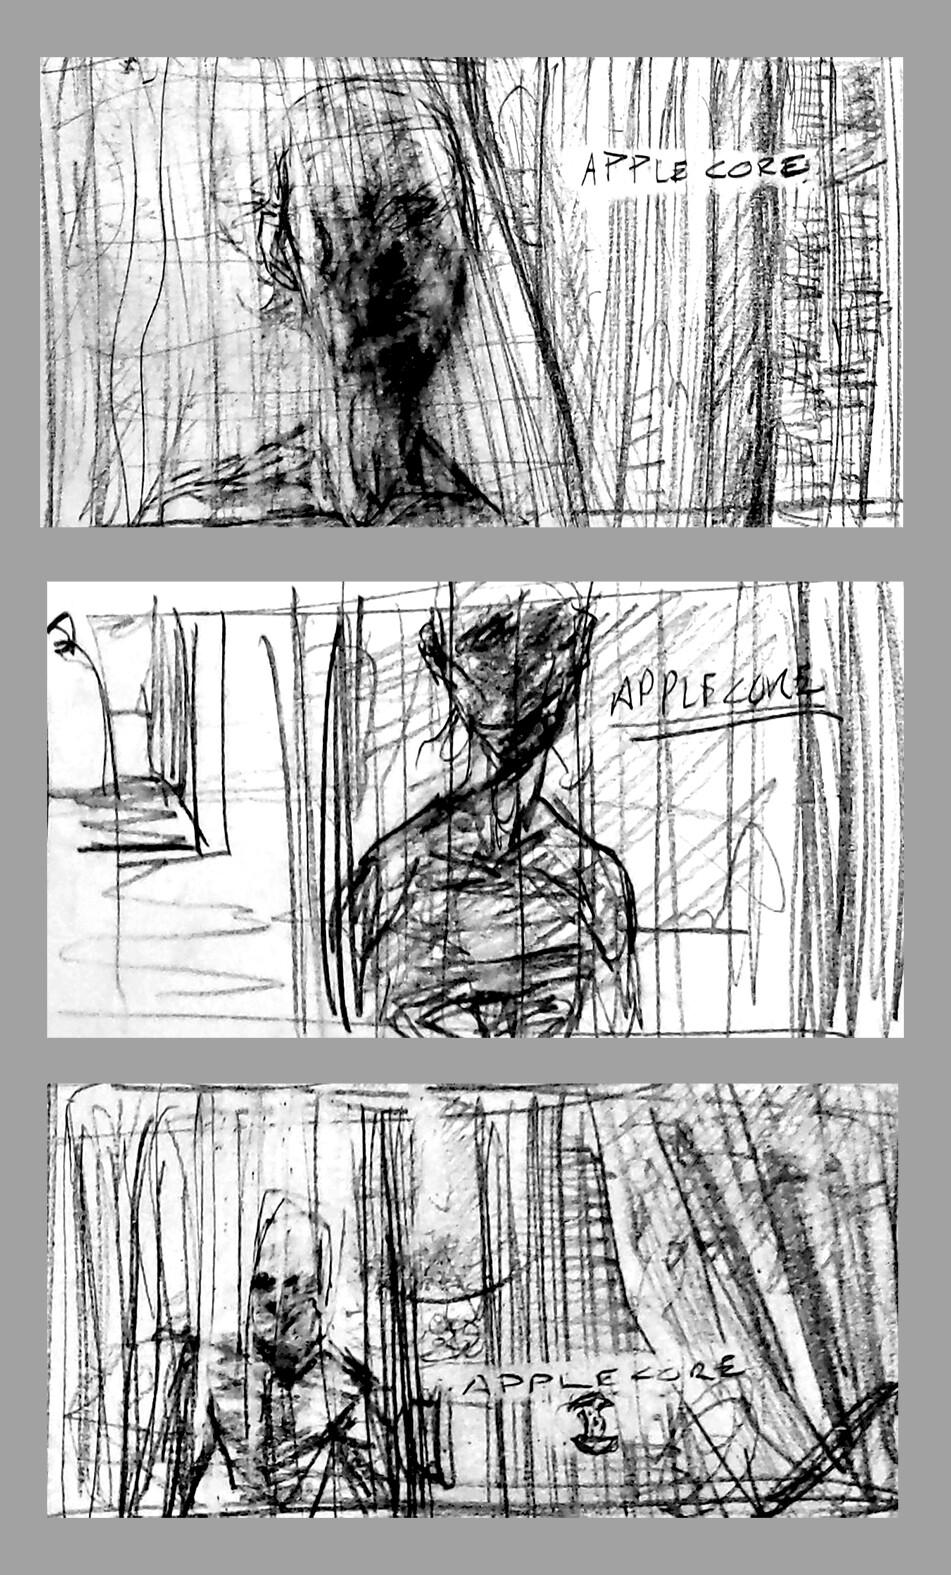 Patrick martinez applecore sketchlayout